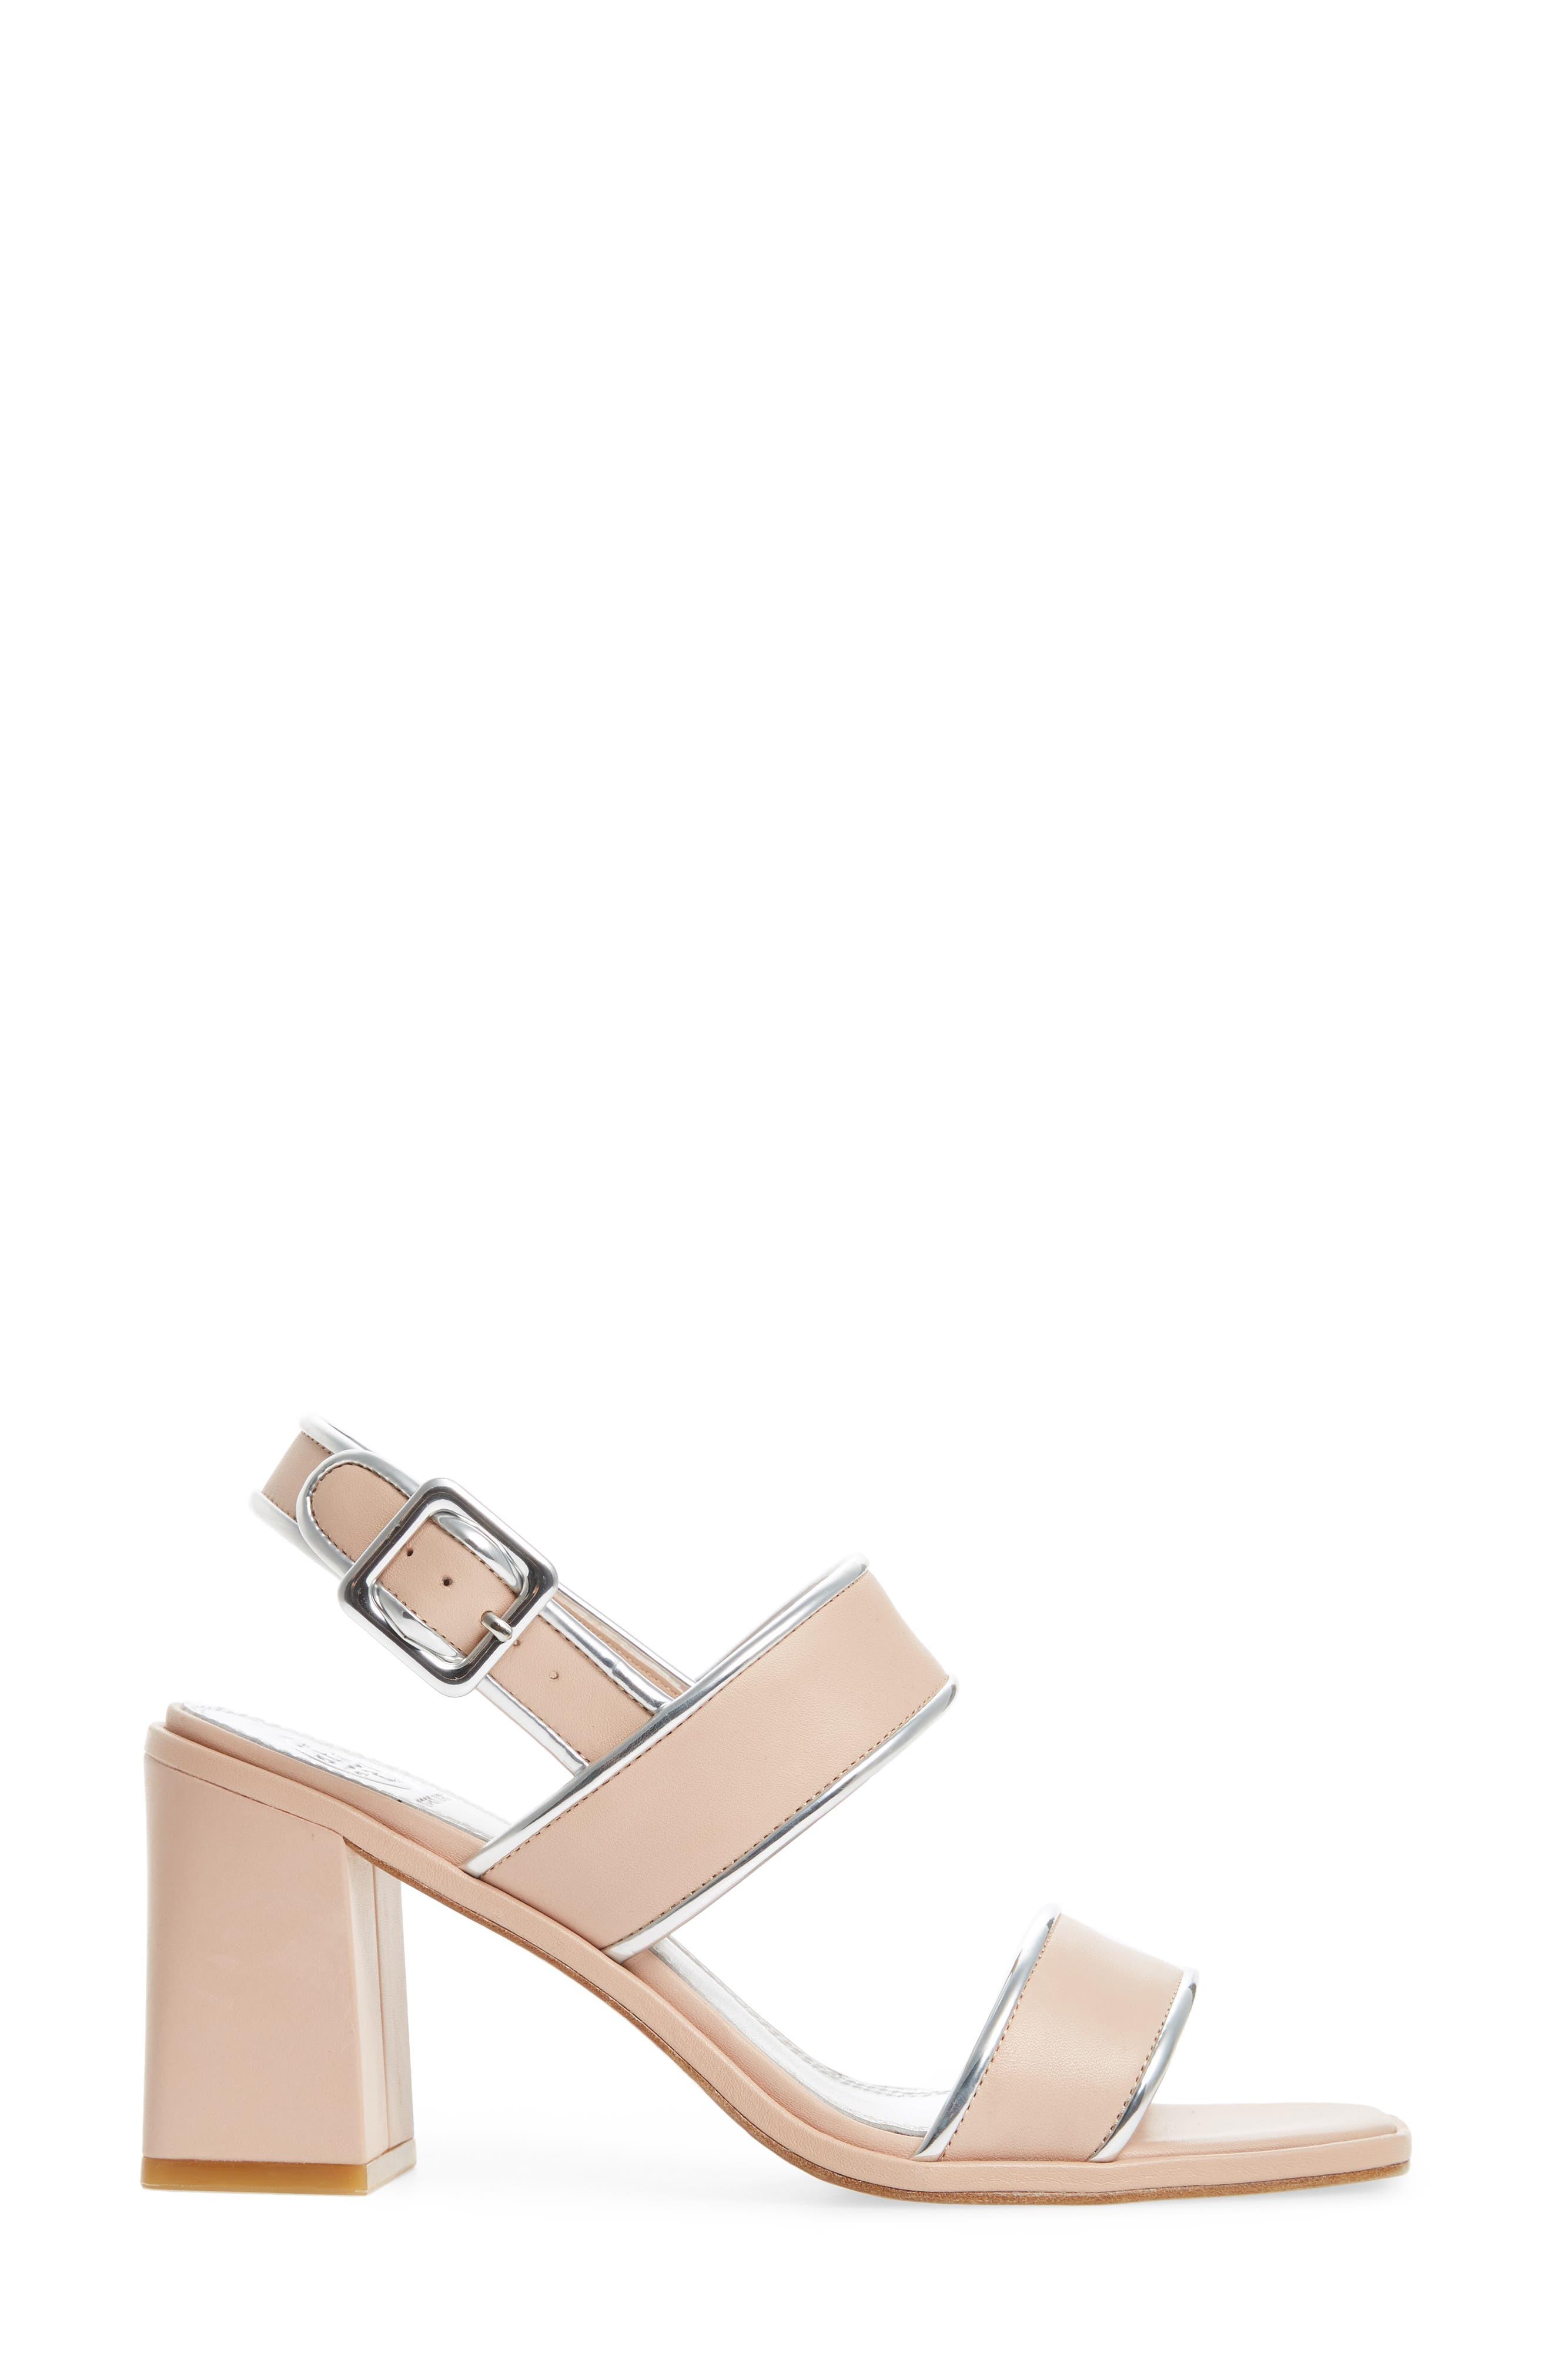 Delaney Double Strap Sandal,                             Alternate thumbnail 14, color,